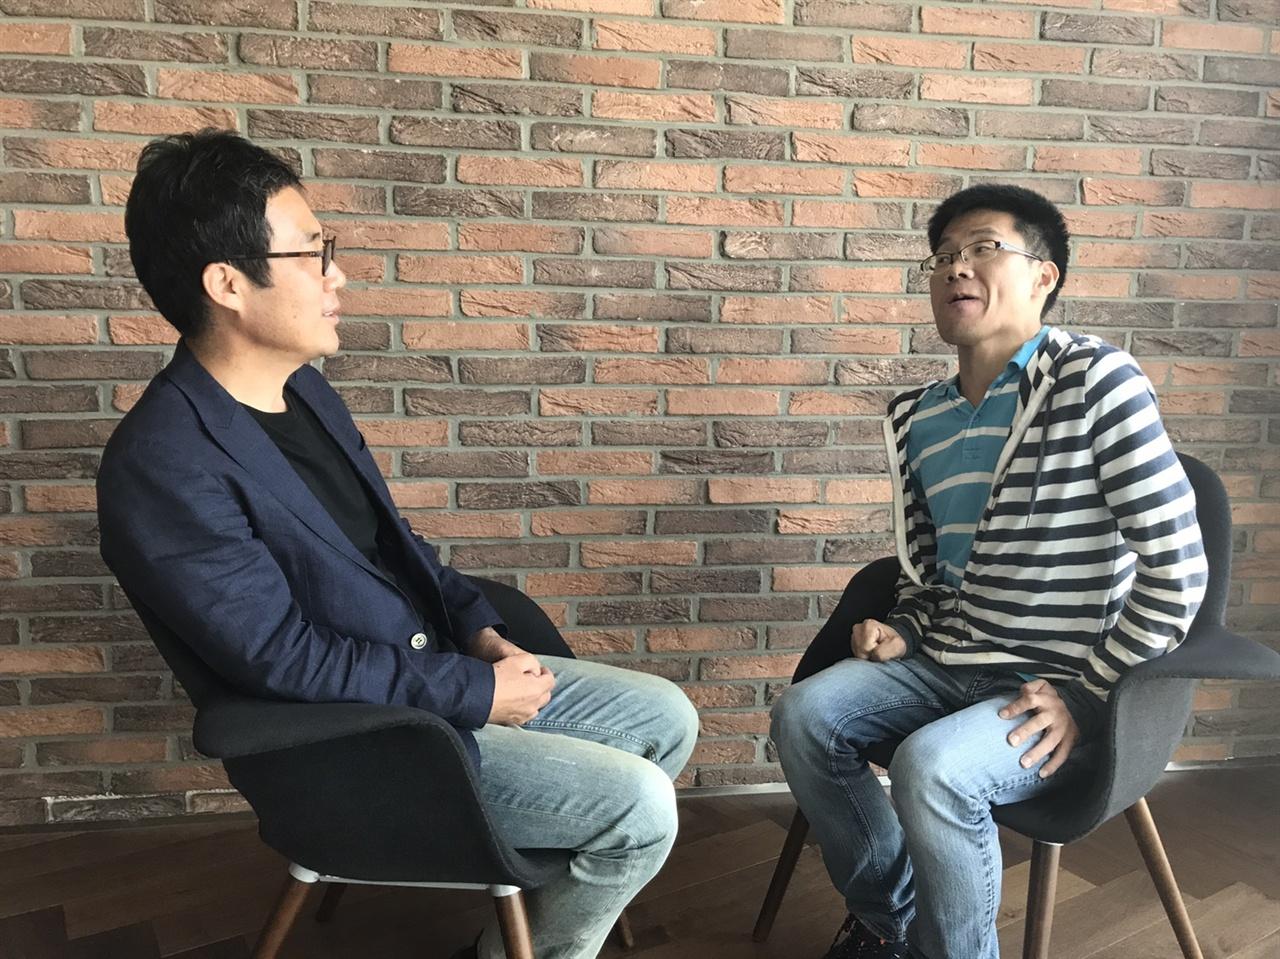 이근행 PD가 <오마이뉴스>와 인터뷰를 하고 있다